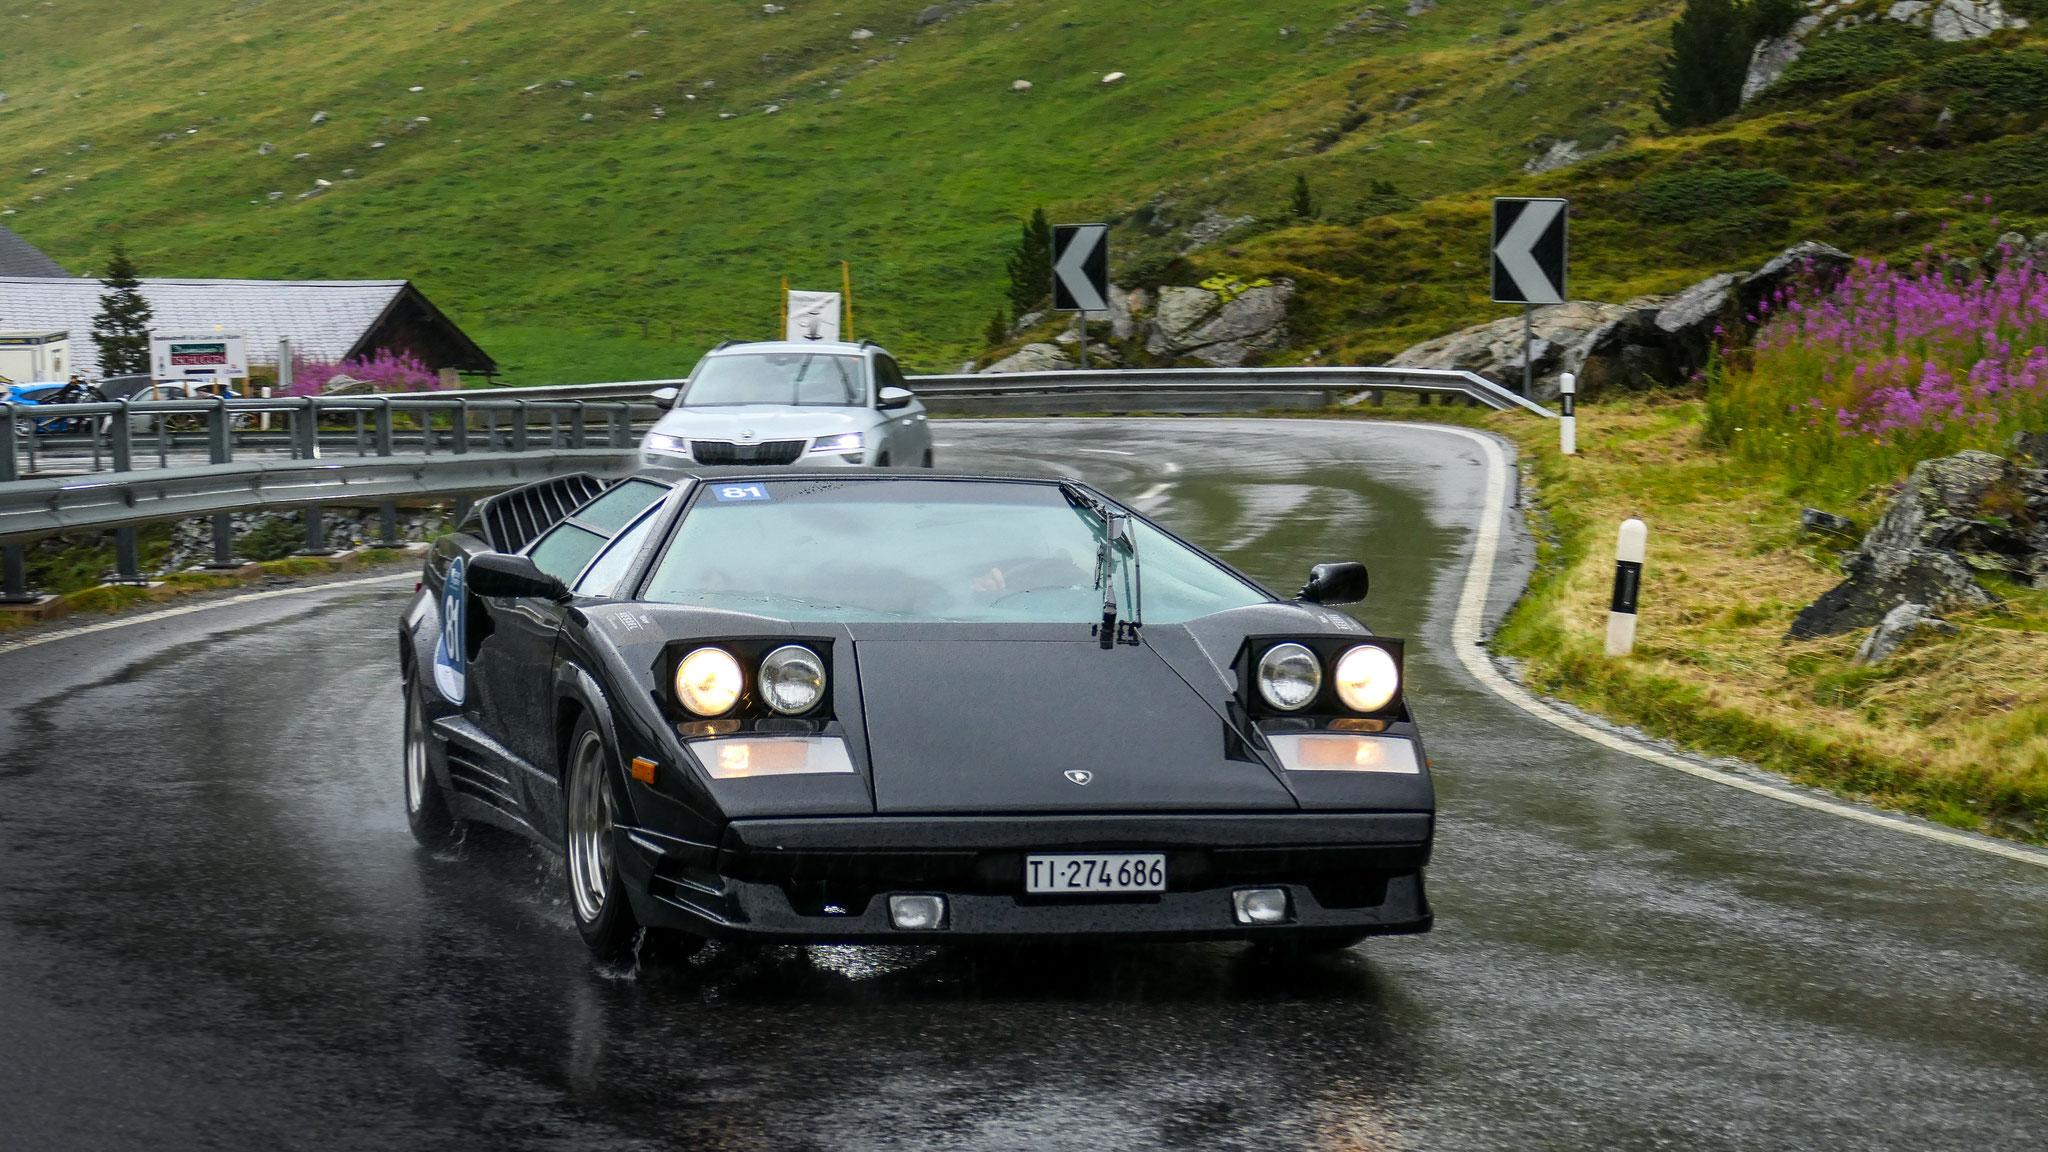 Lamborghini  Countach 25th Anniversary - TI-274686 (CH)